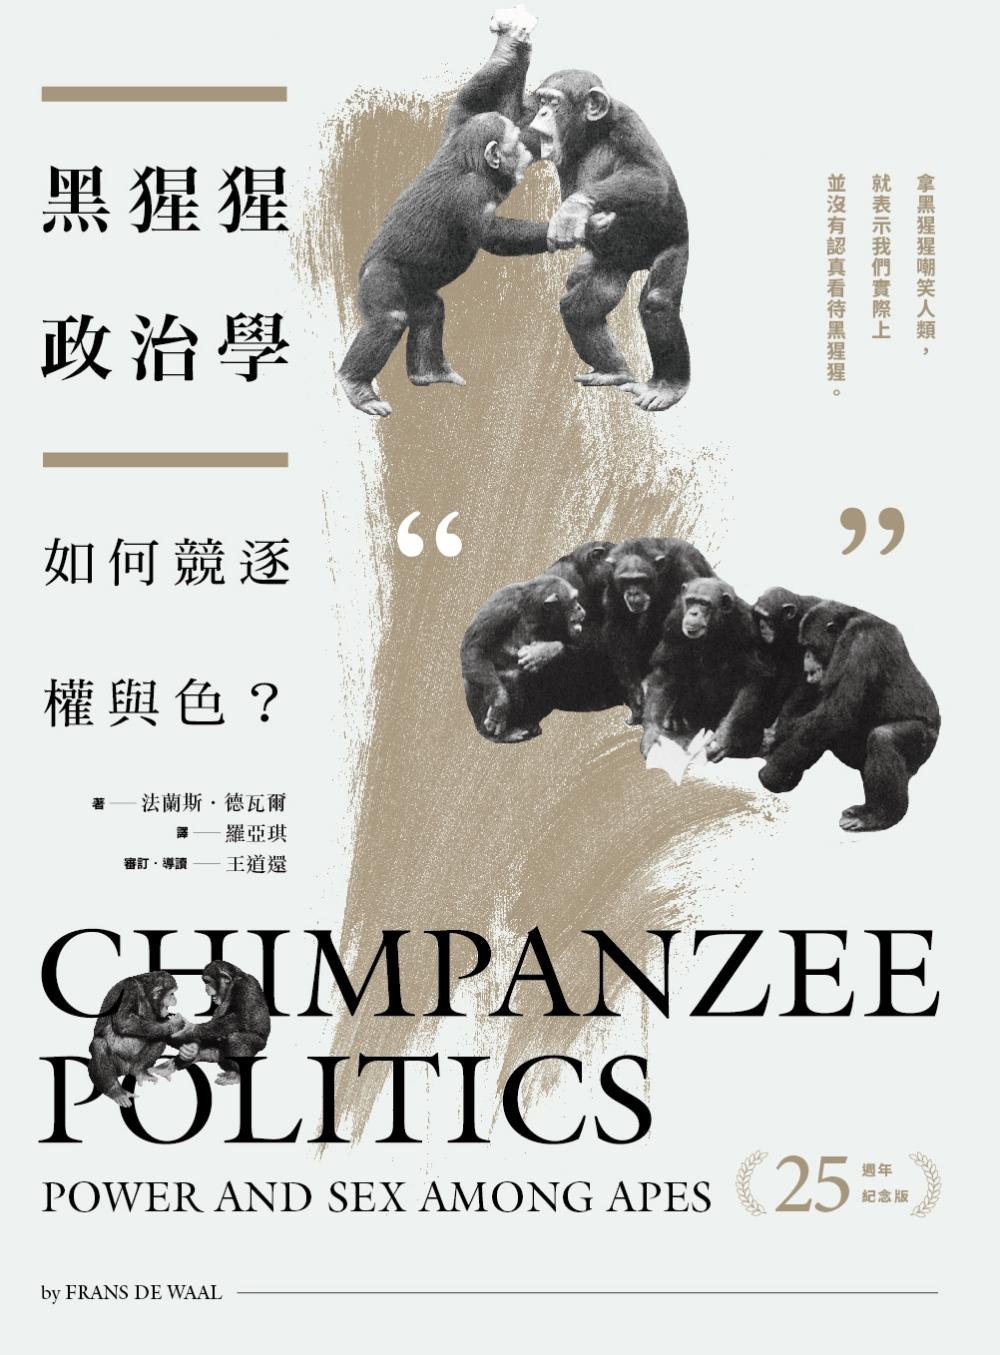 黑猩猩政治學:如何競逐權與色?(25...